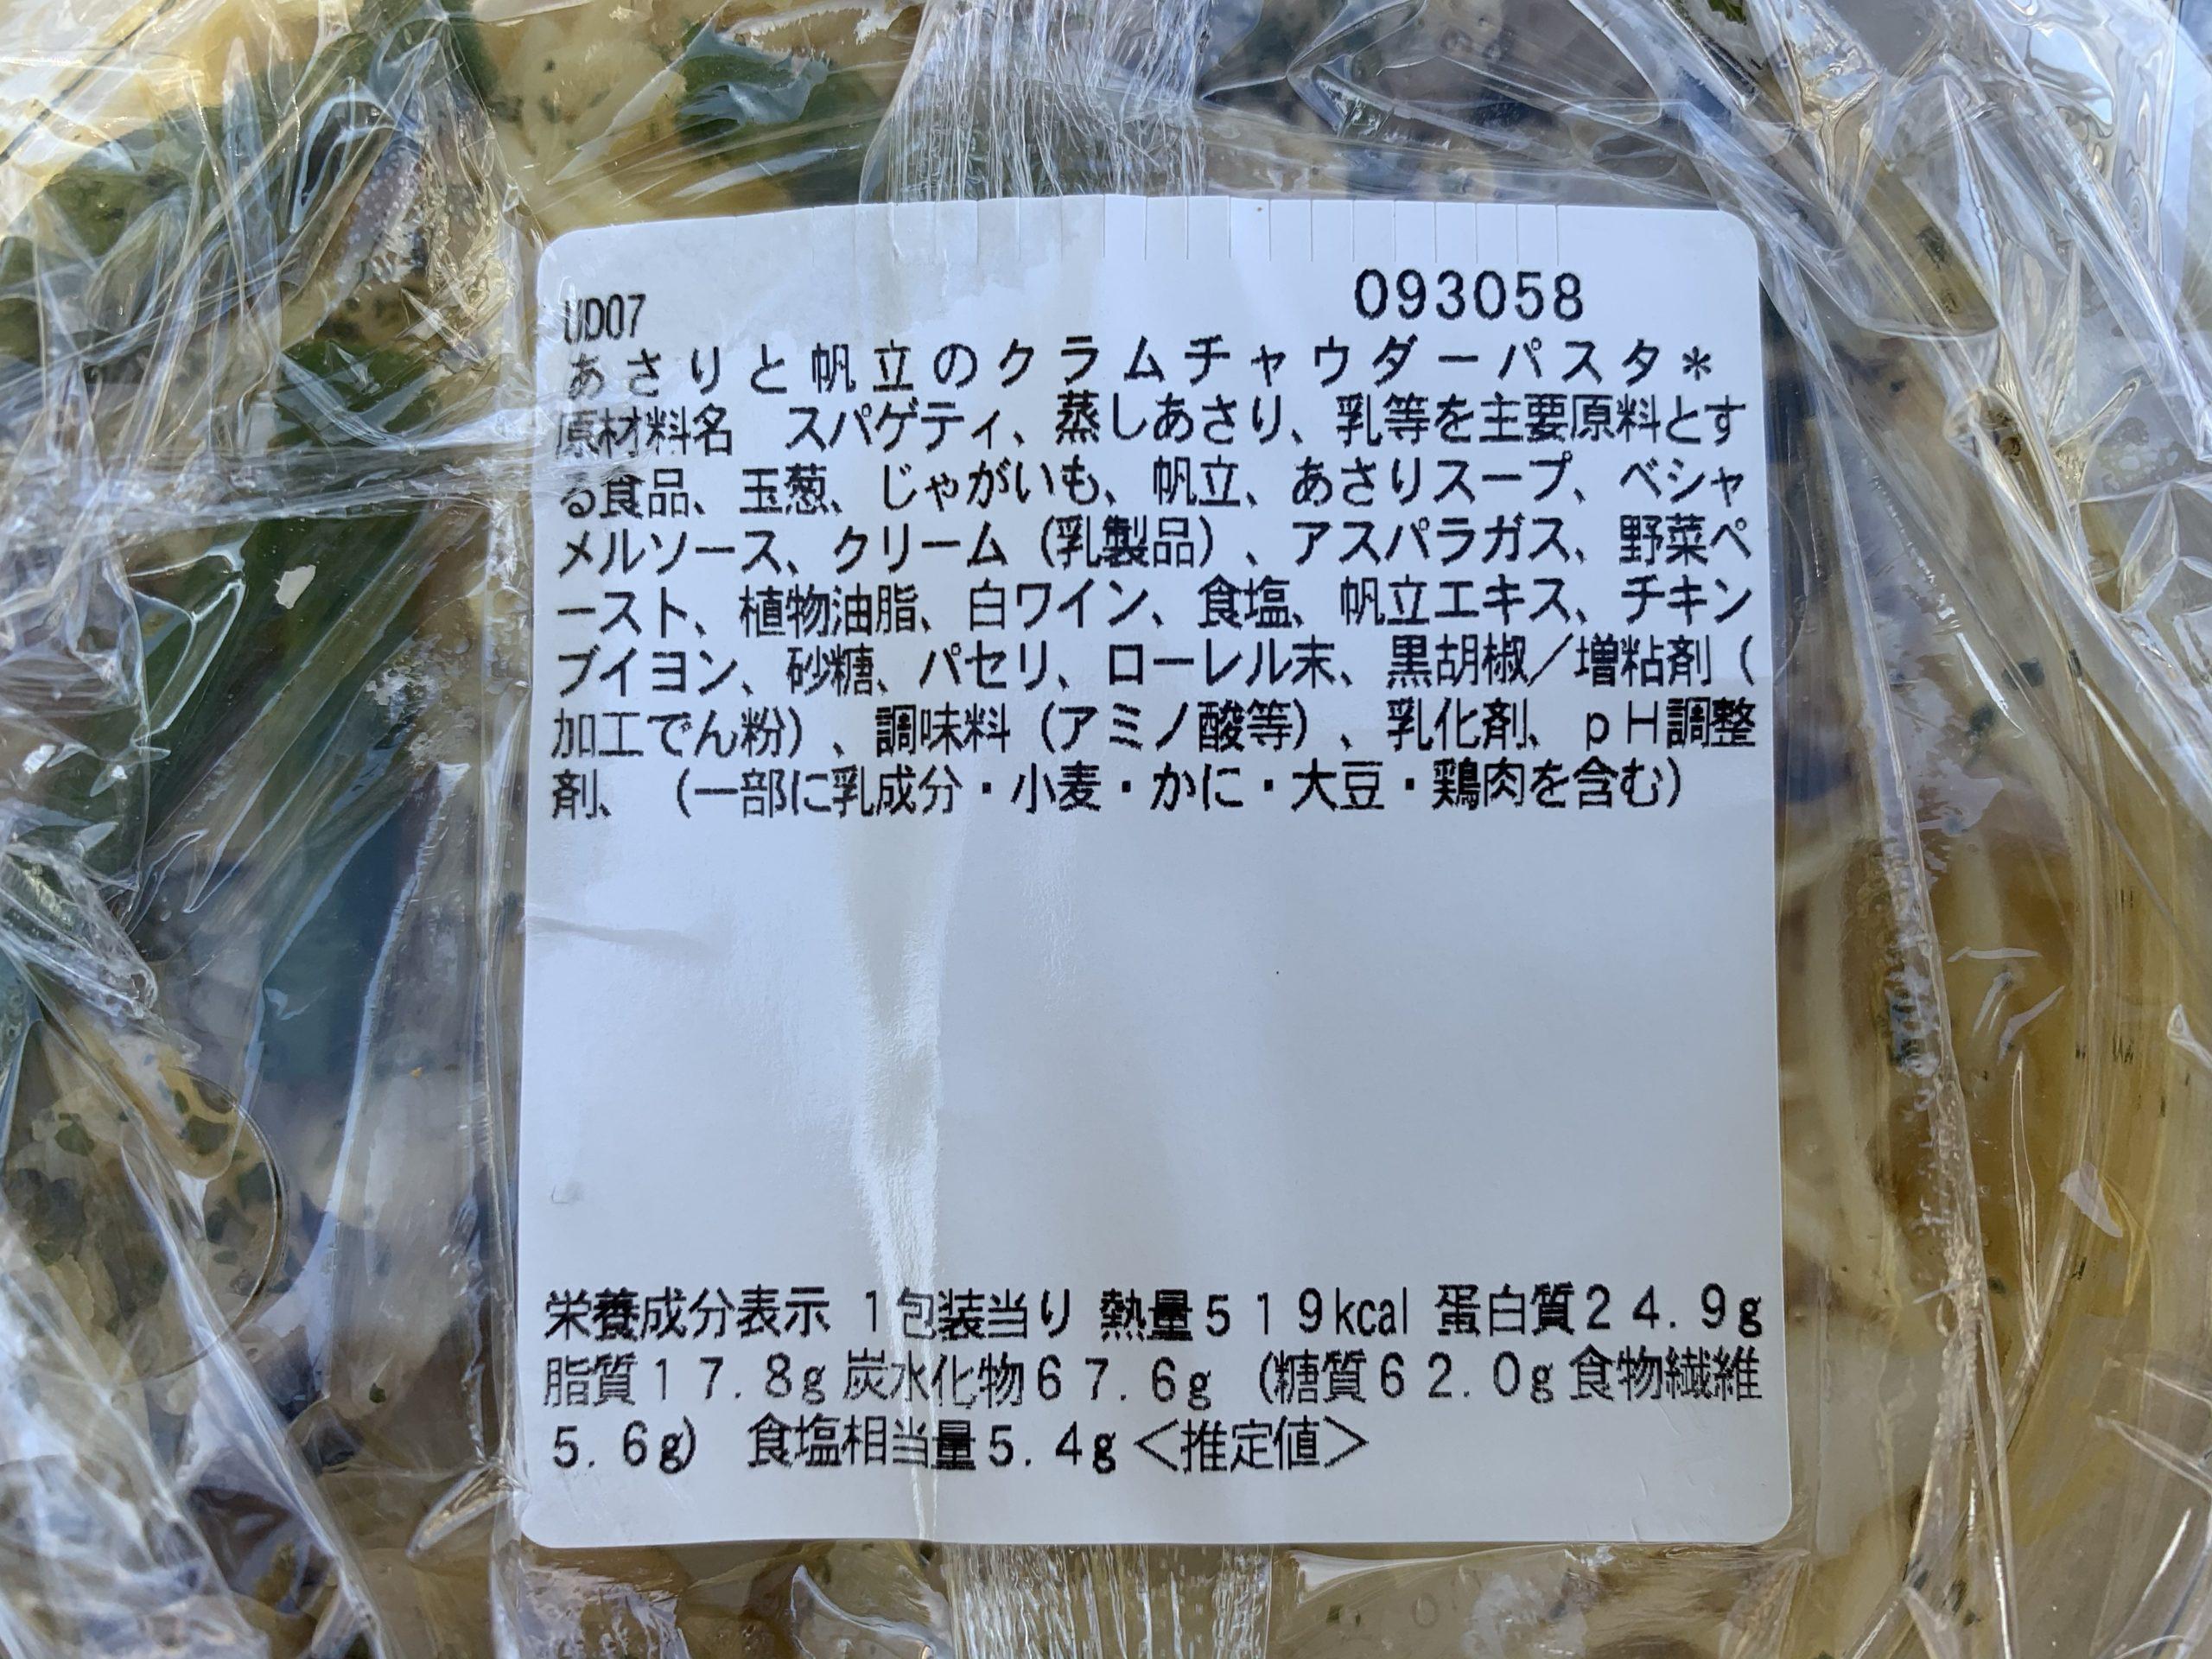 あさりと帆立のクラムチャウダーパスタの原材料と栄養成分